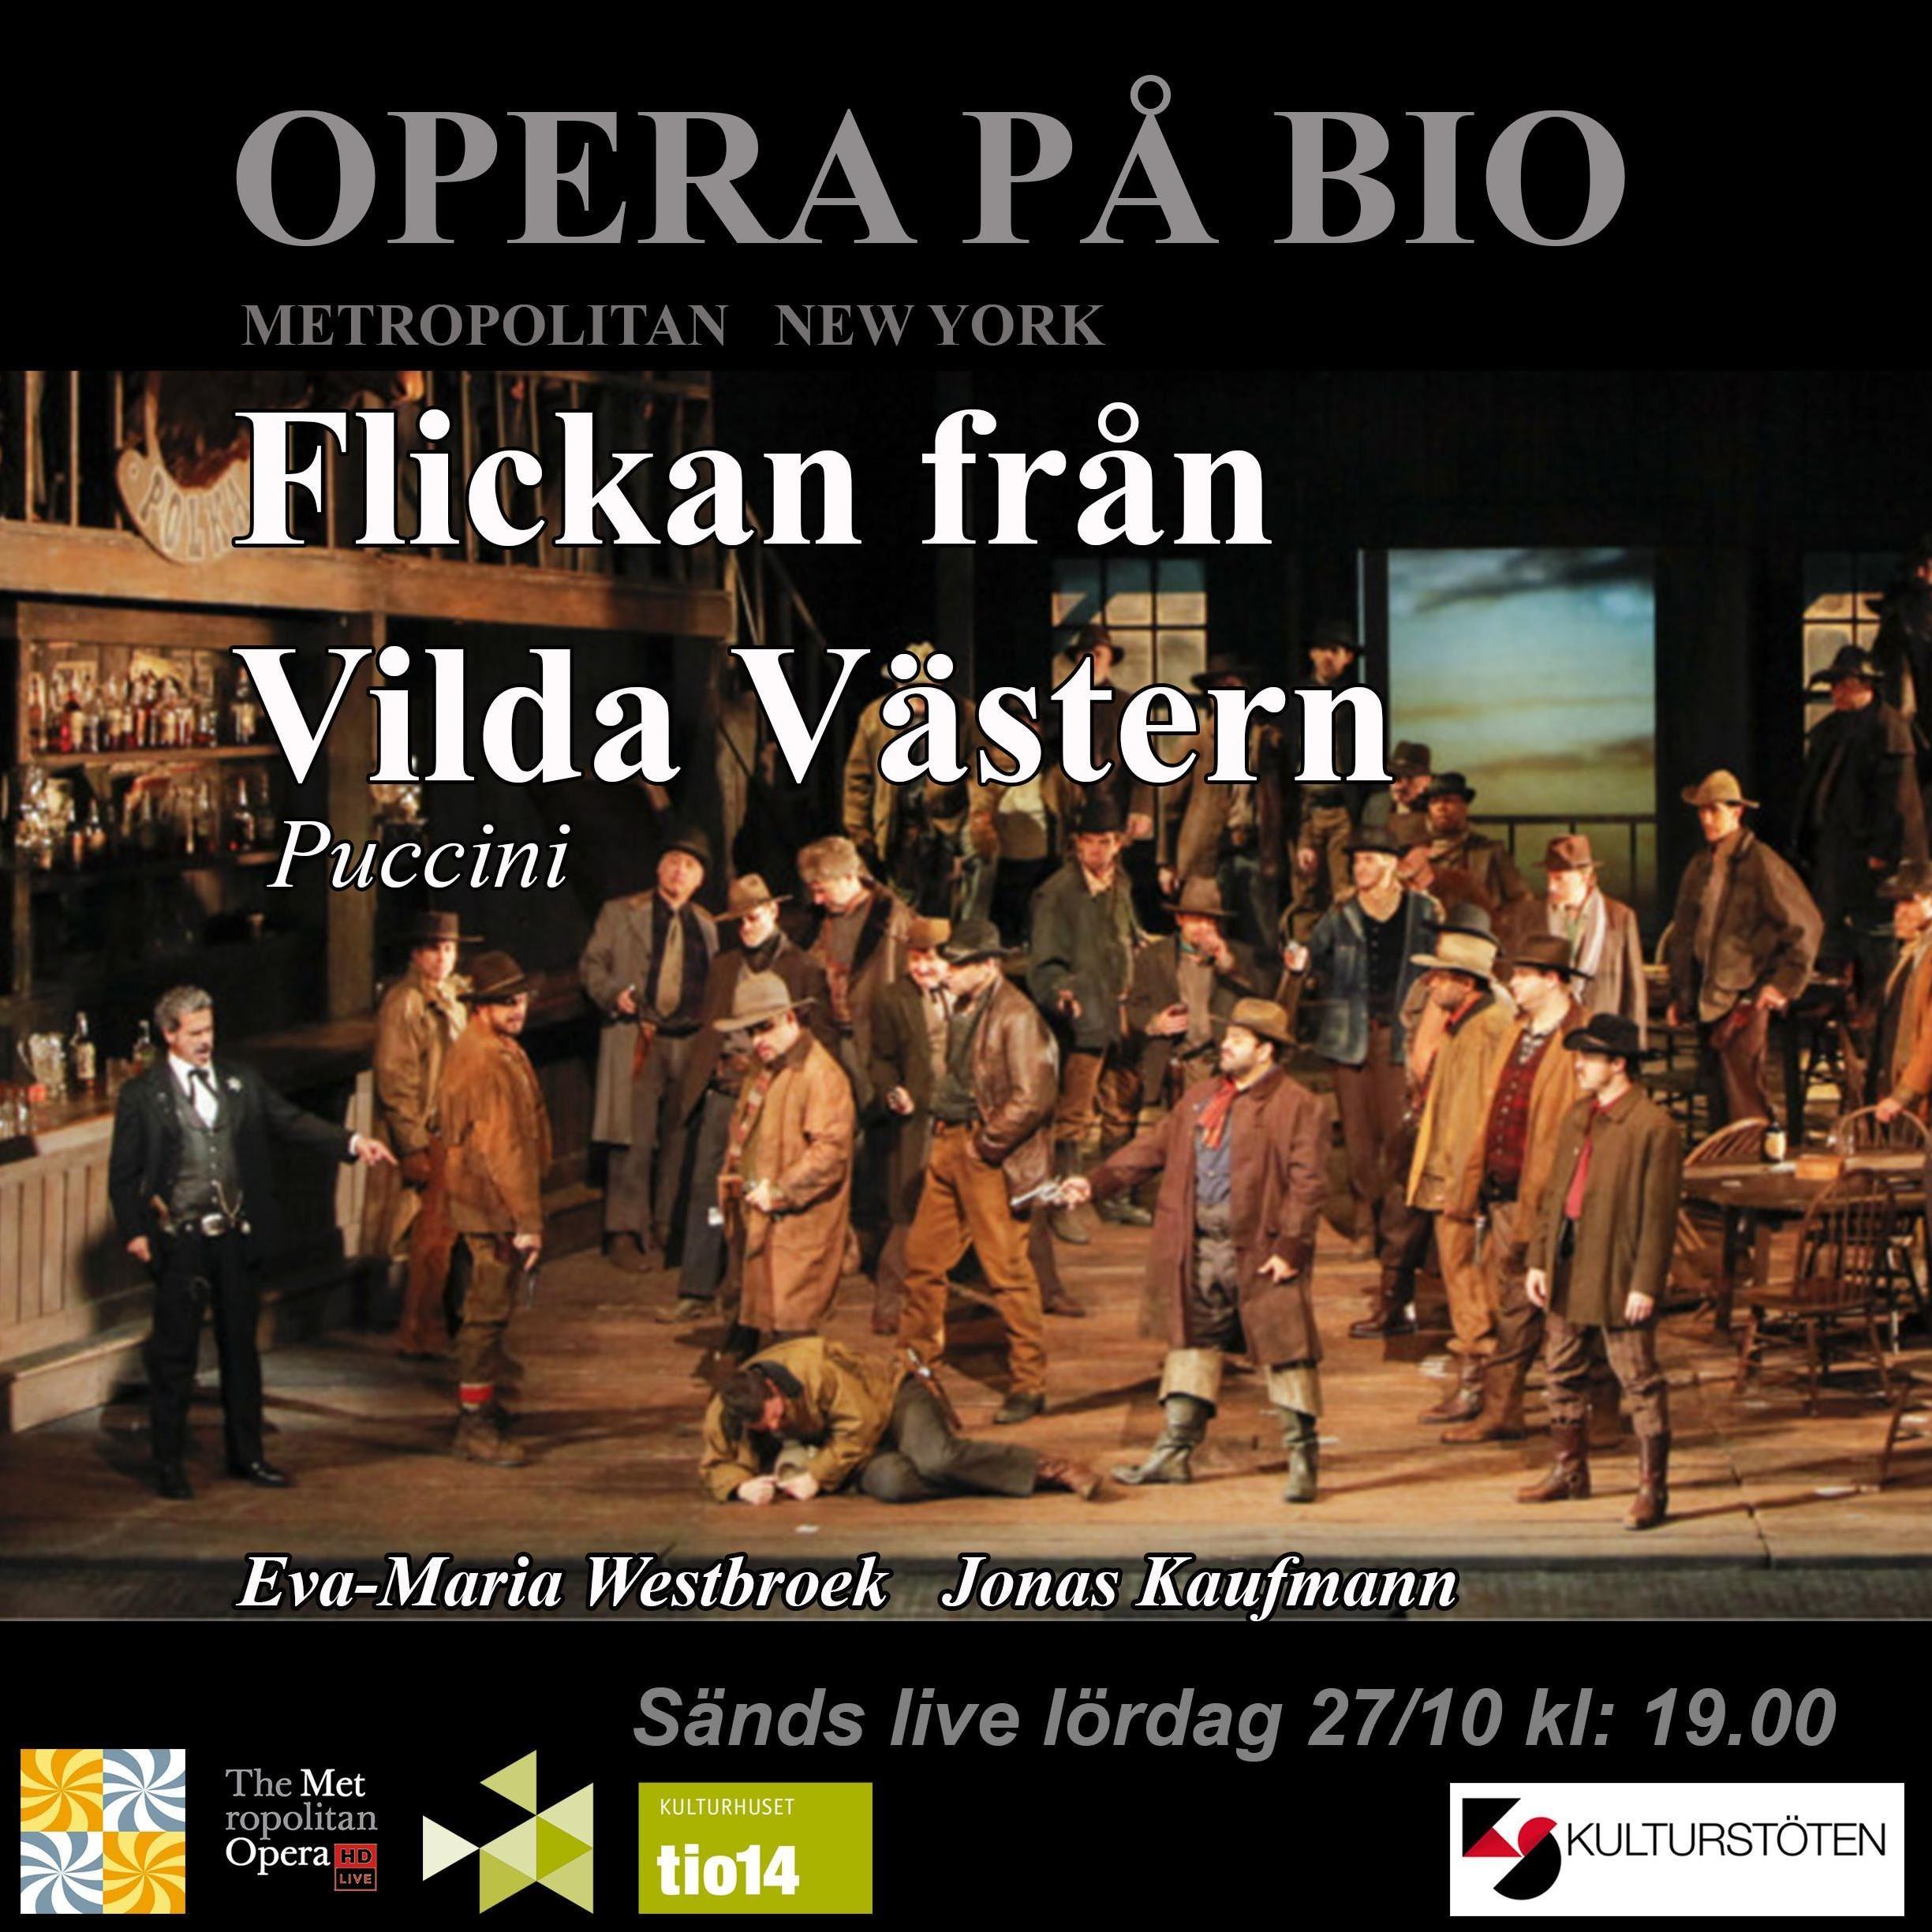 Opera på bio - Flickan från Vildavästern